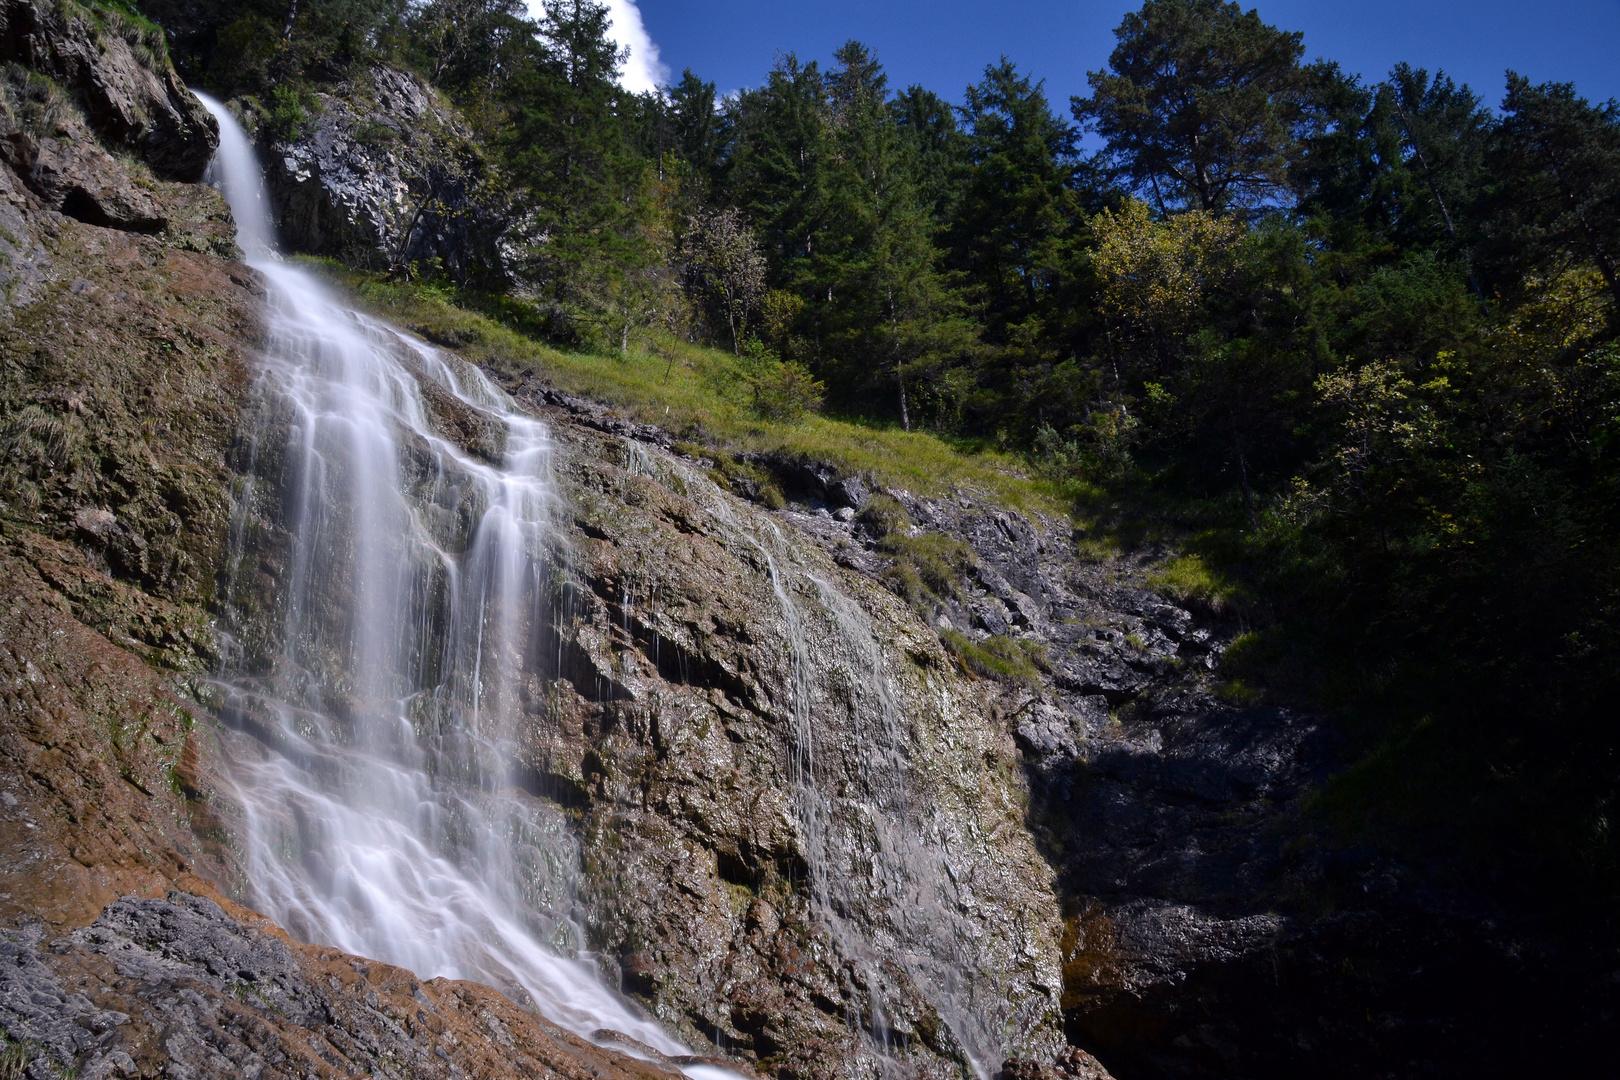 Wasserfälle Hinterstein bei Bad Hindelang